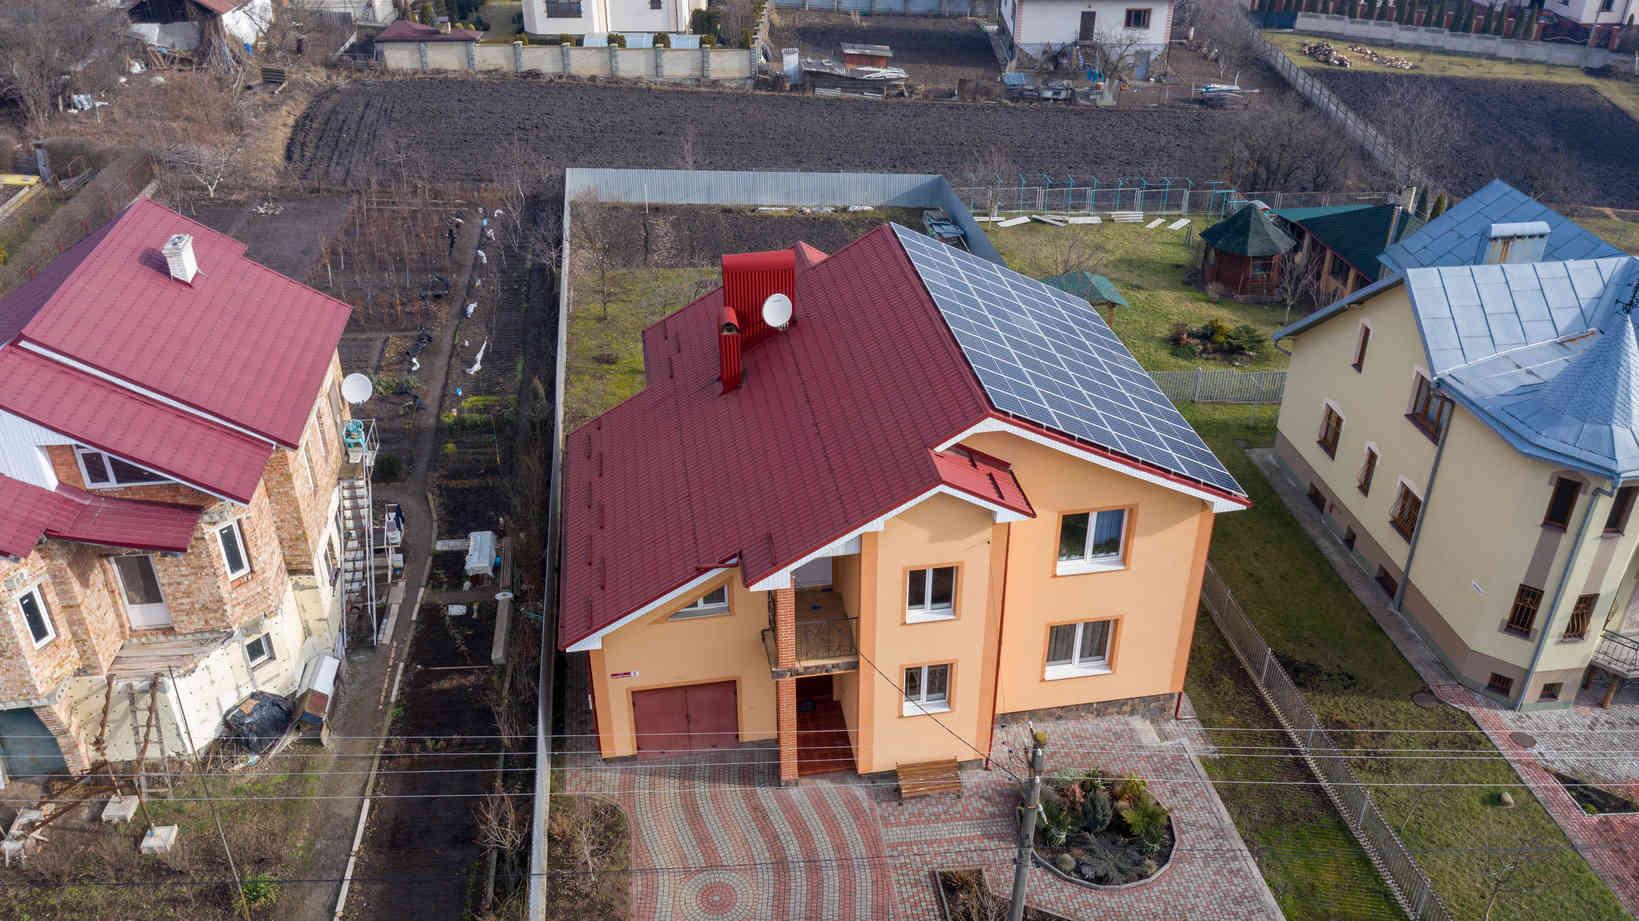 Мережева сонячна електростанція (СЕС) потужністю 14,08 кВт – Фотозвіт #3